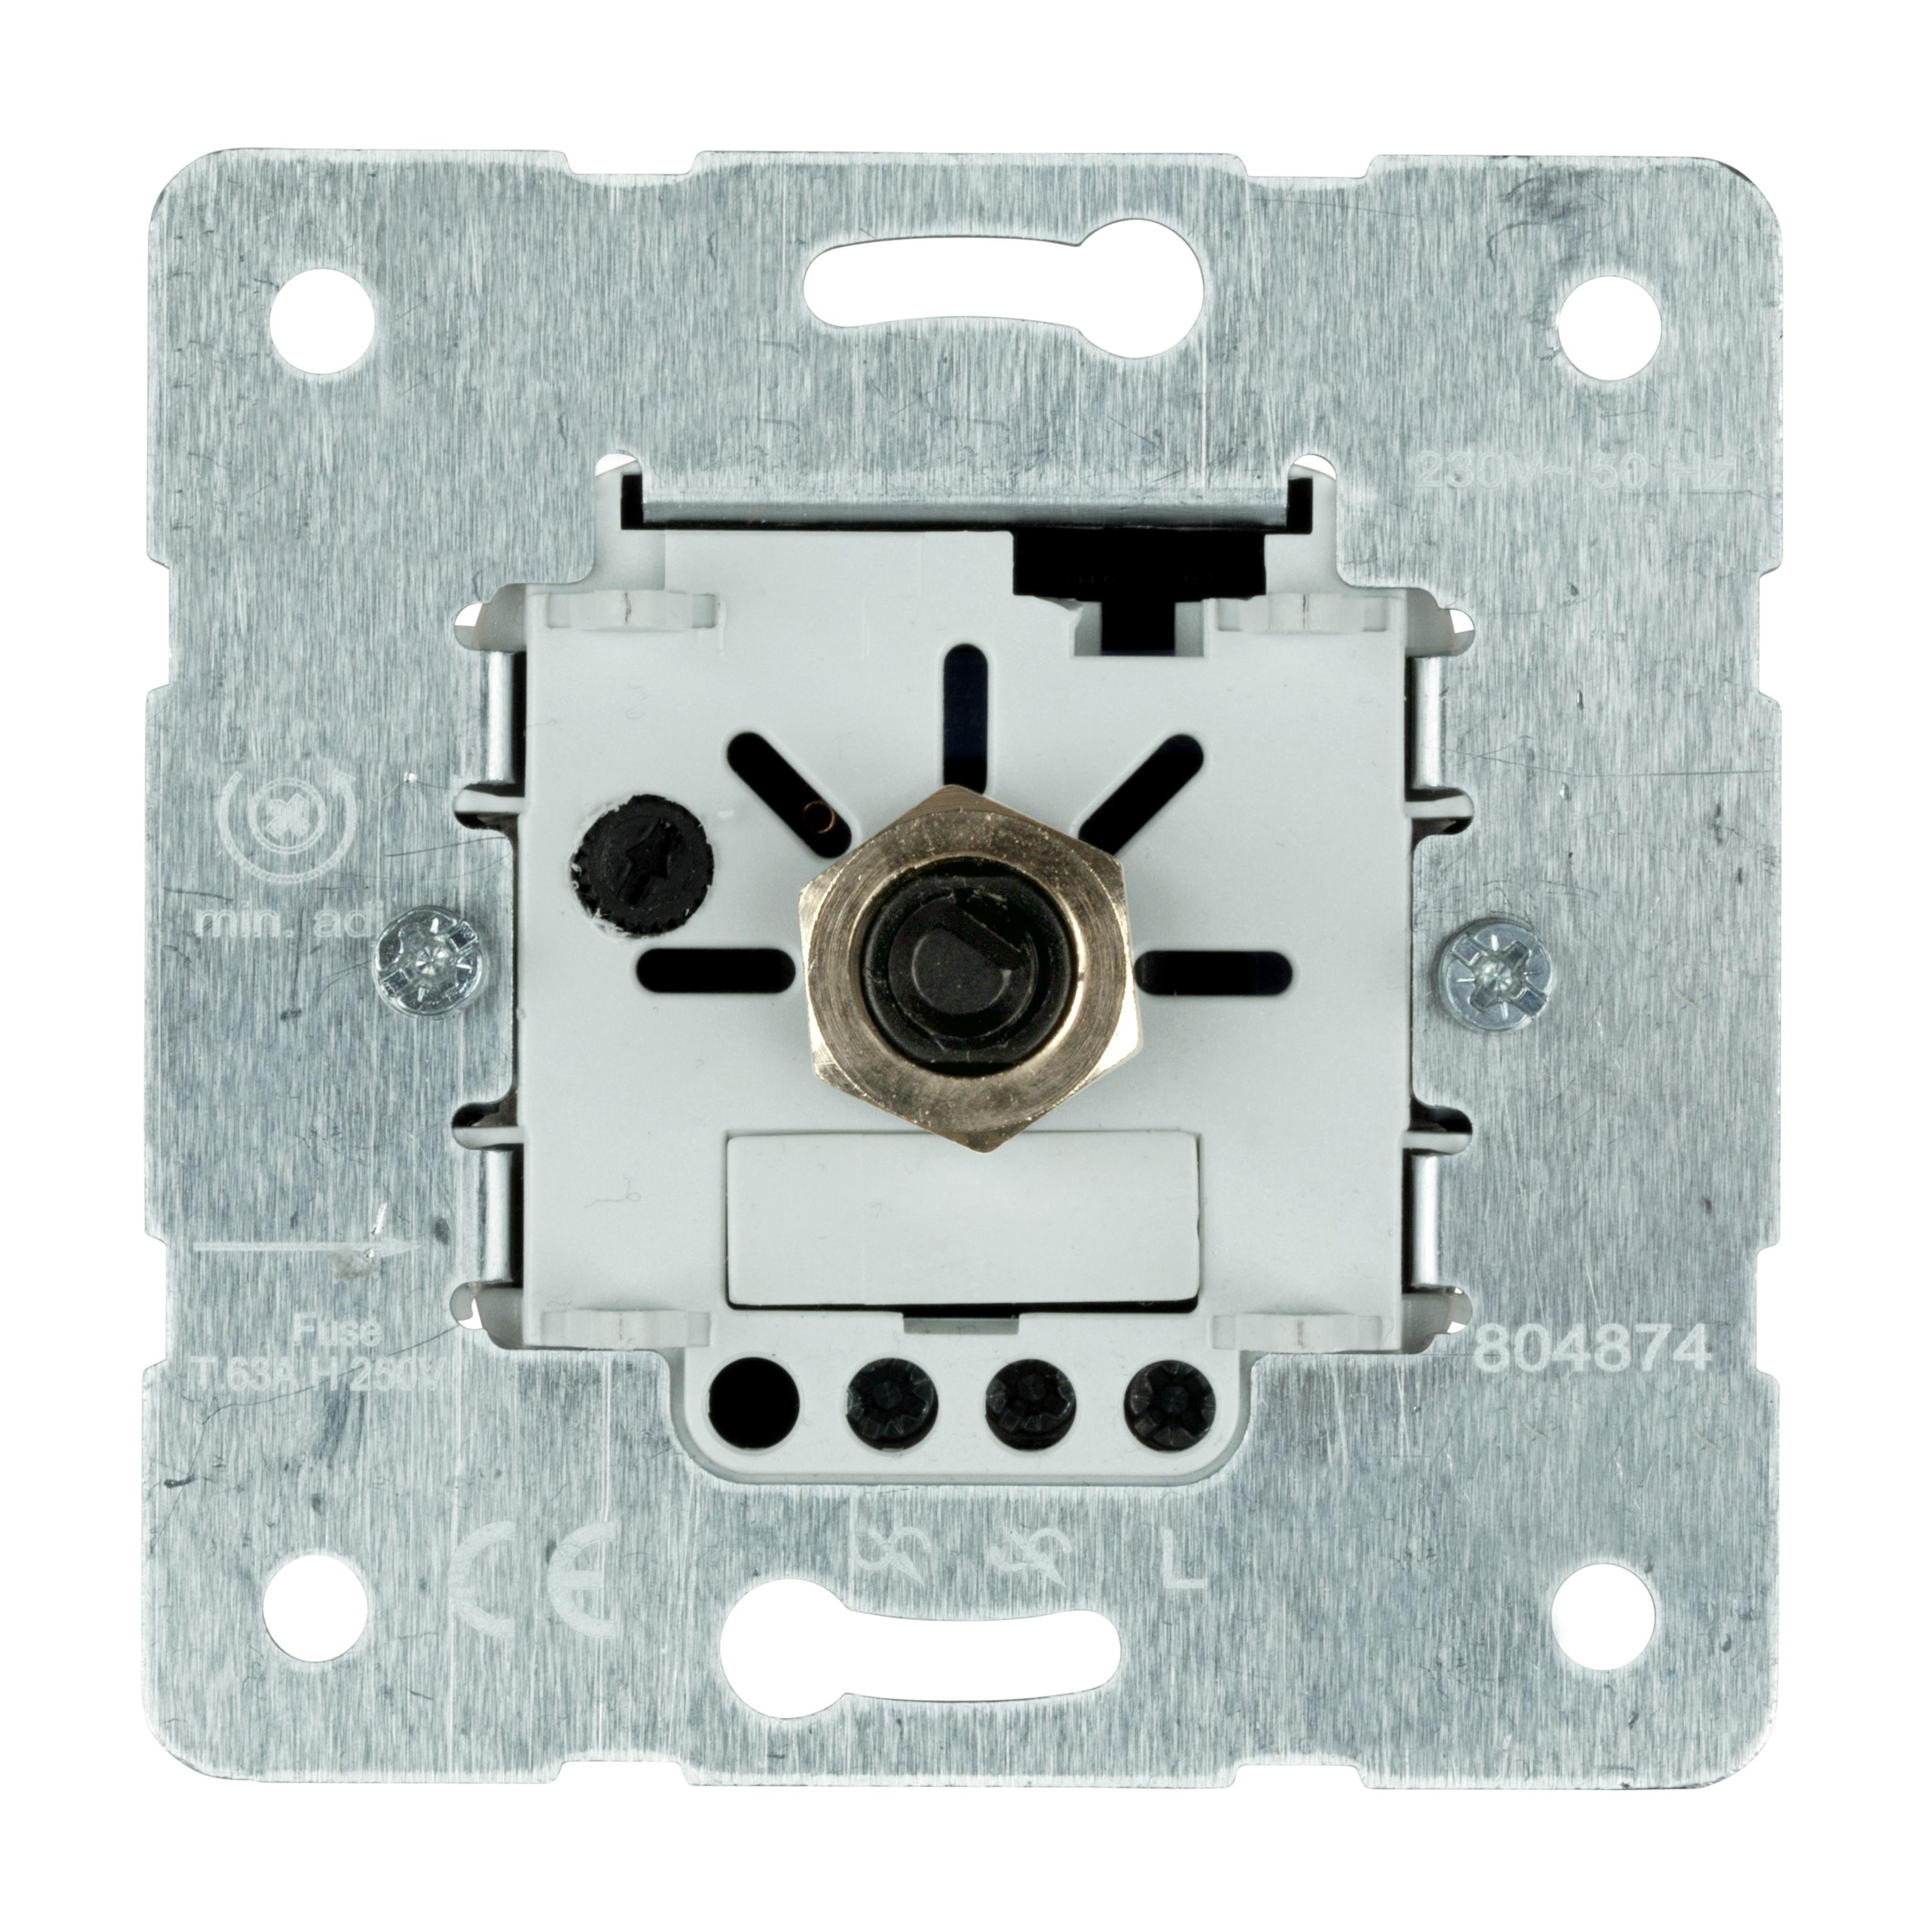 1 Stk Dimmereinsatz 6-100W/VA für LED EV103020--